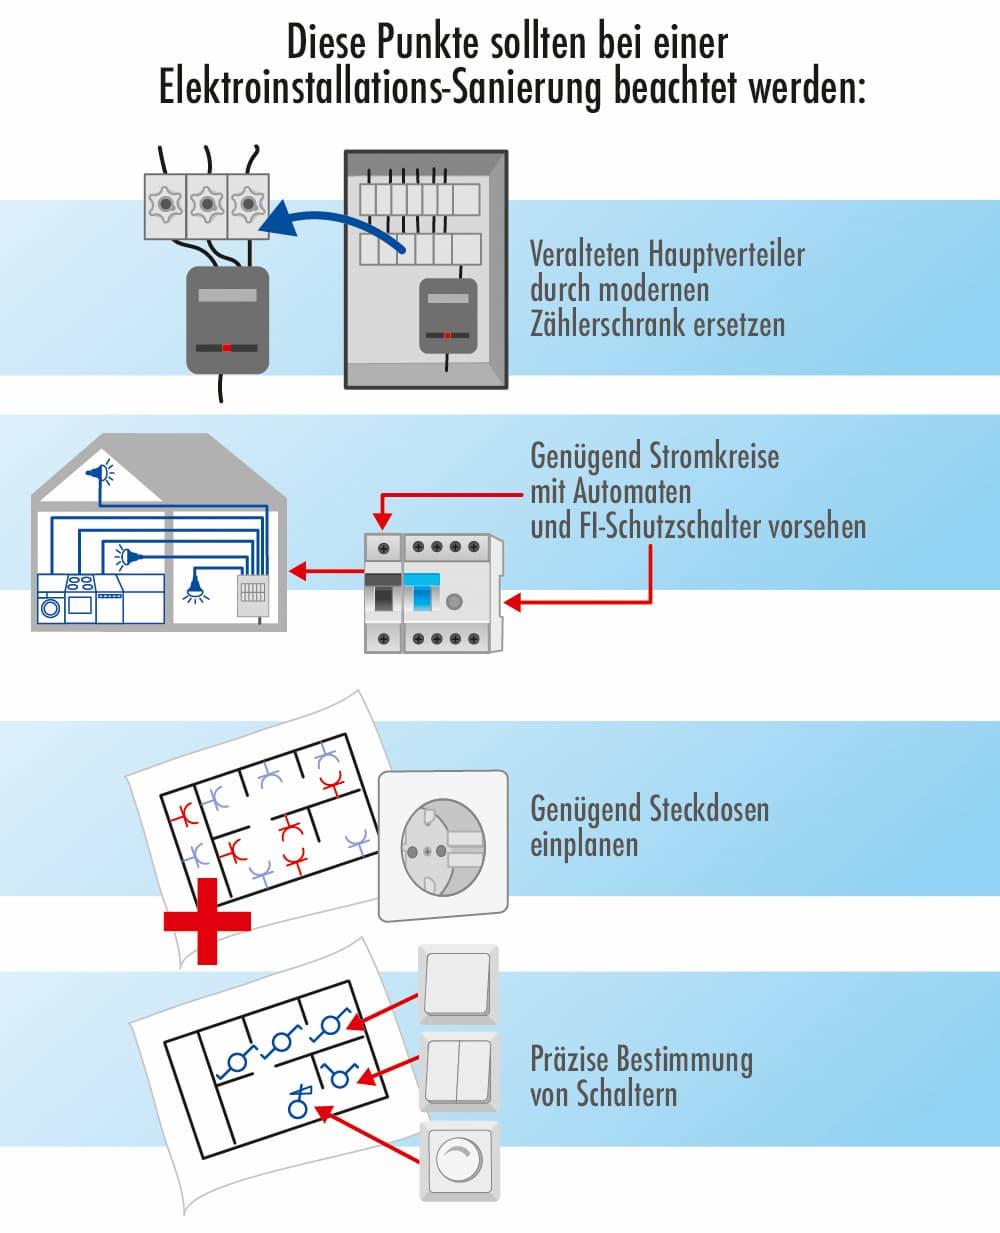 Modernisierung einer Elektroinstallation: Wichtige Punkte